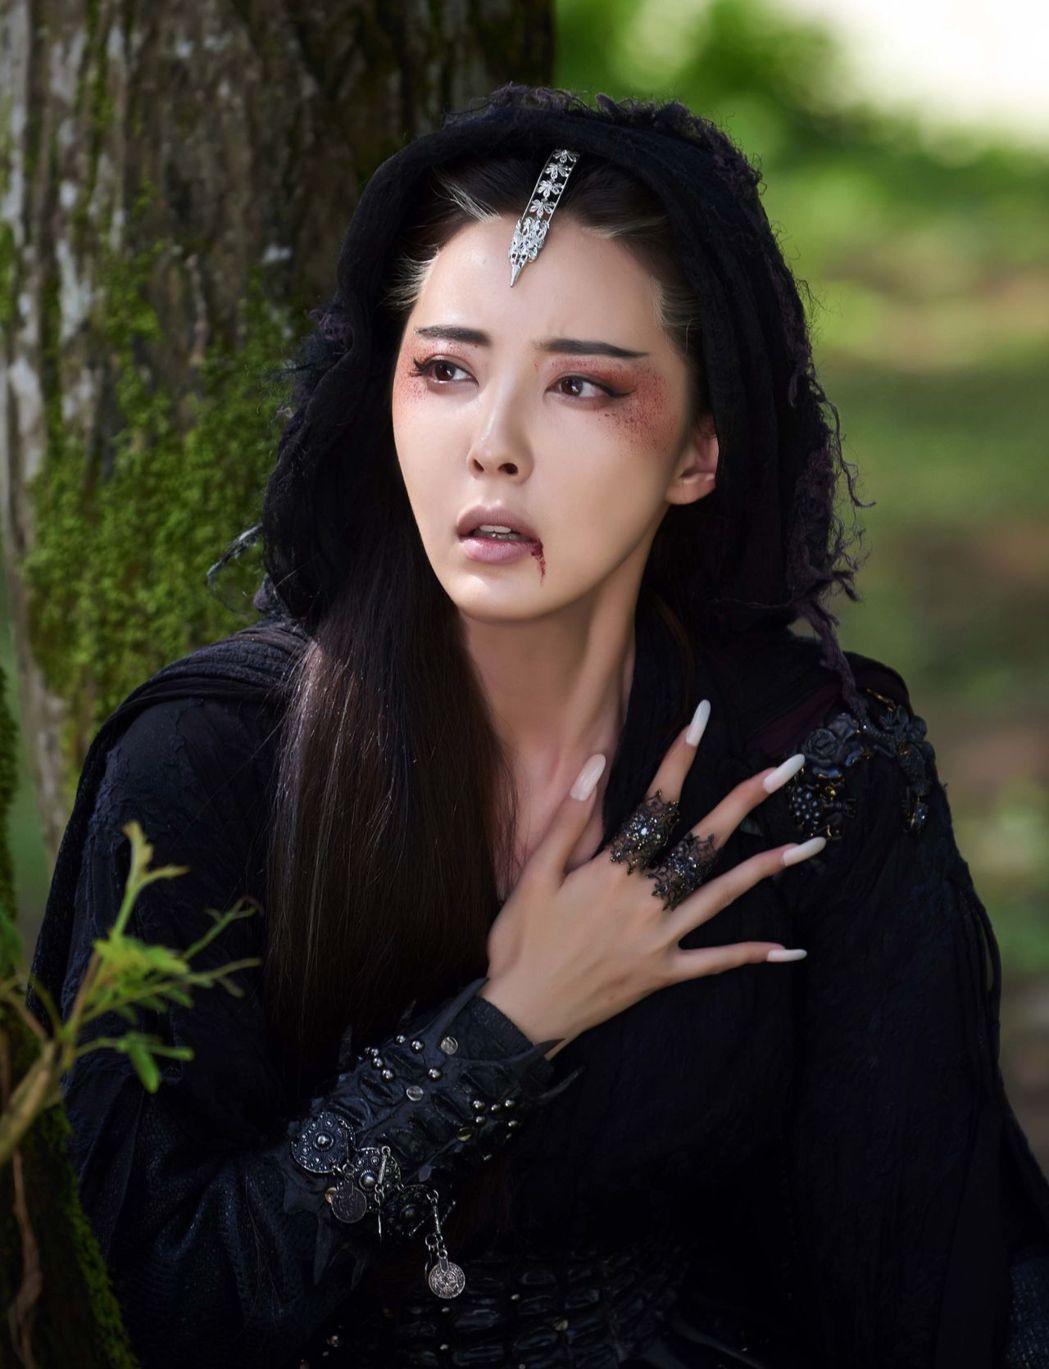 模特兒出身的米露在「射鵰英雄傳2017 」戲中飾演大反派梅超風。圖/中天提供